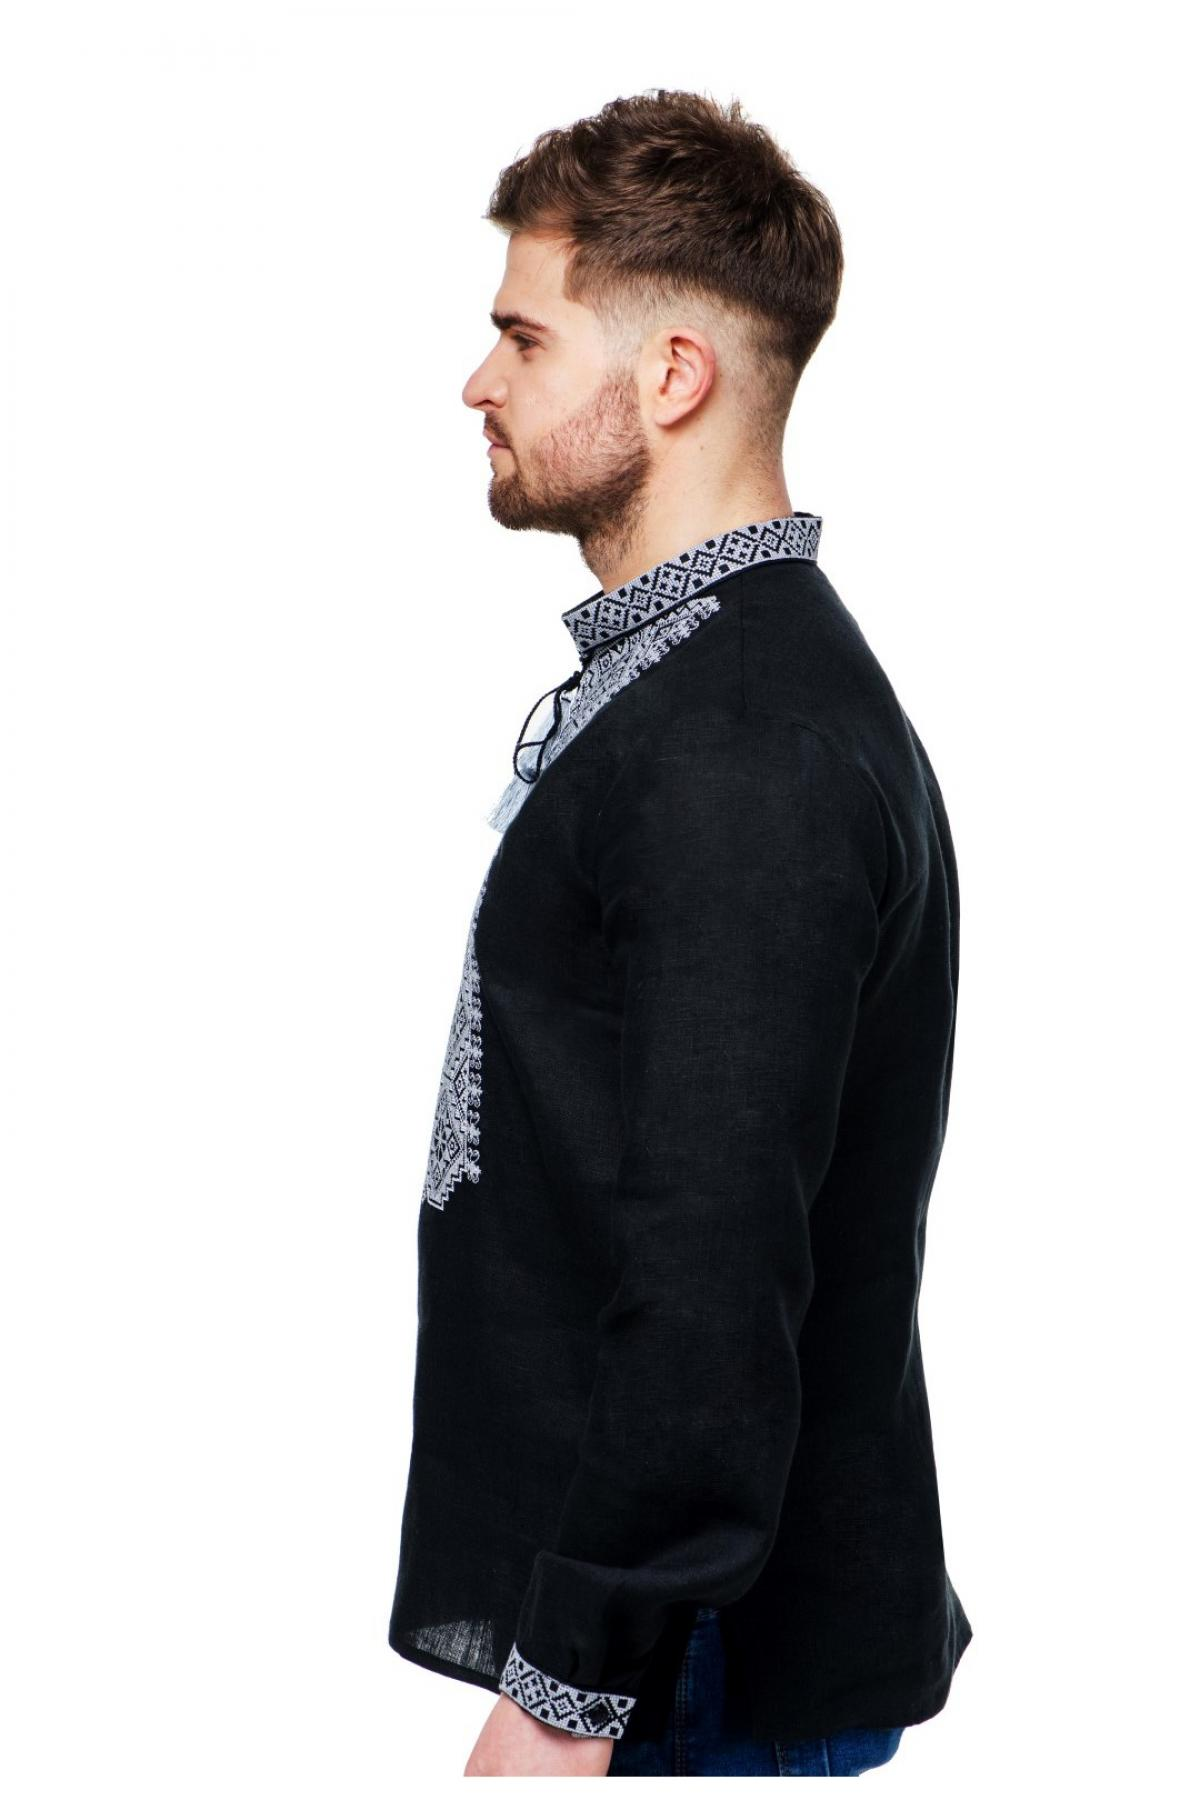 Черная льняная мужская вышиванка с серой вышивкой на груди, воротничках и манжетах. Фото №3. | Народный дом Украина